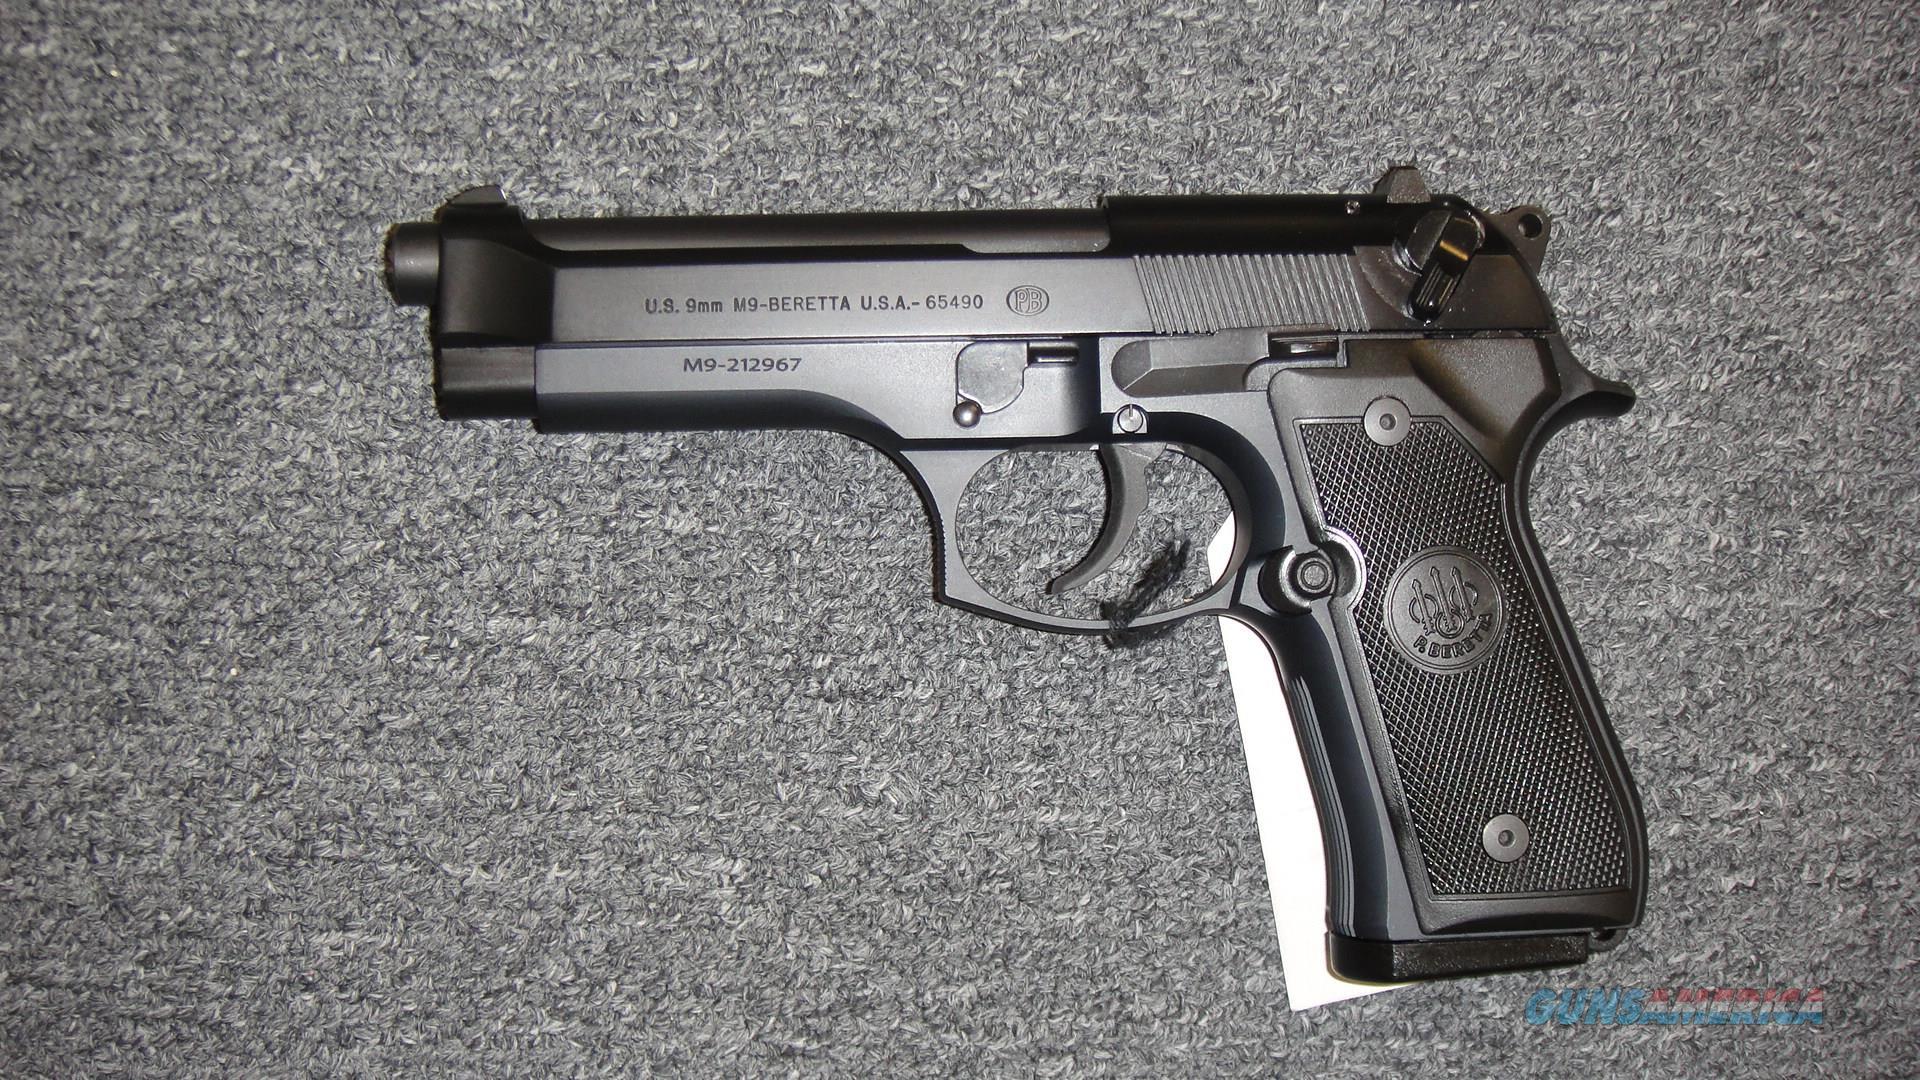 Beretta M9  Guns > Pistols > Beretta Pistols > M9